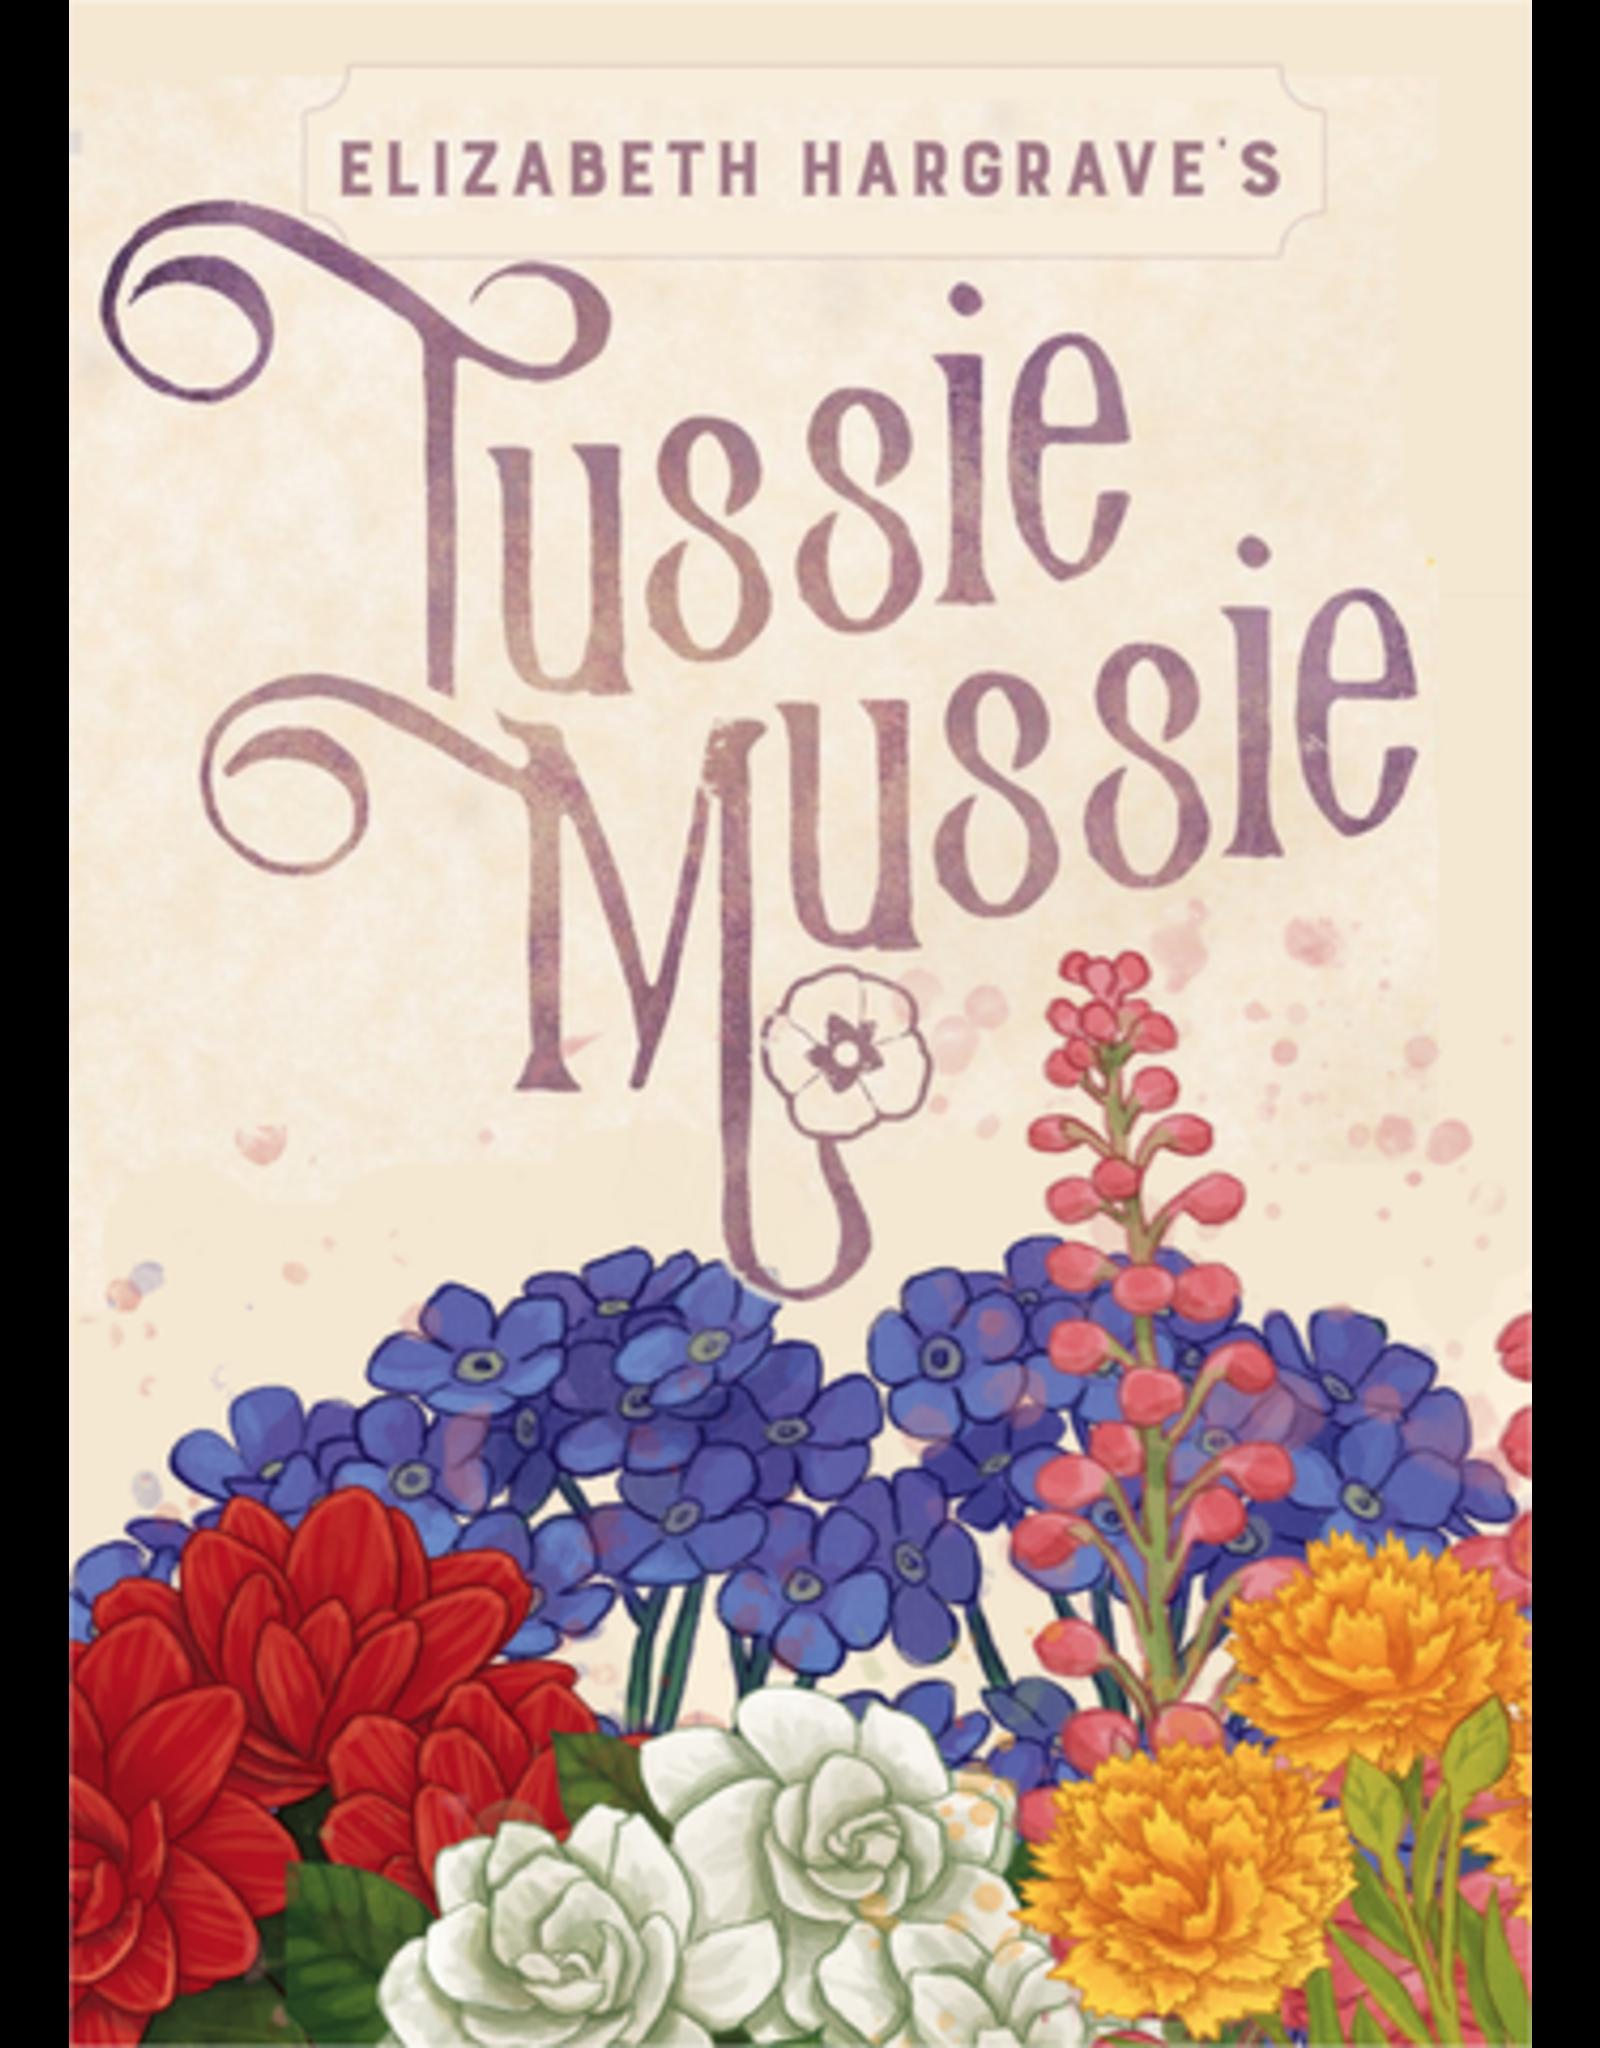 Button Shy Games Tussie Mussie